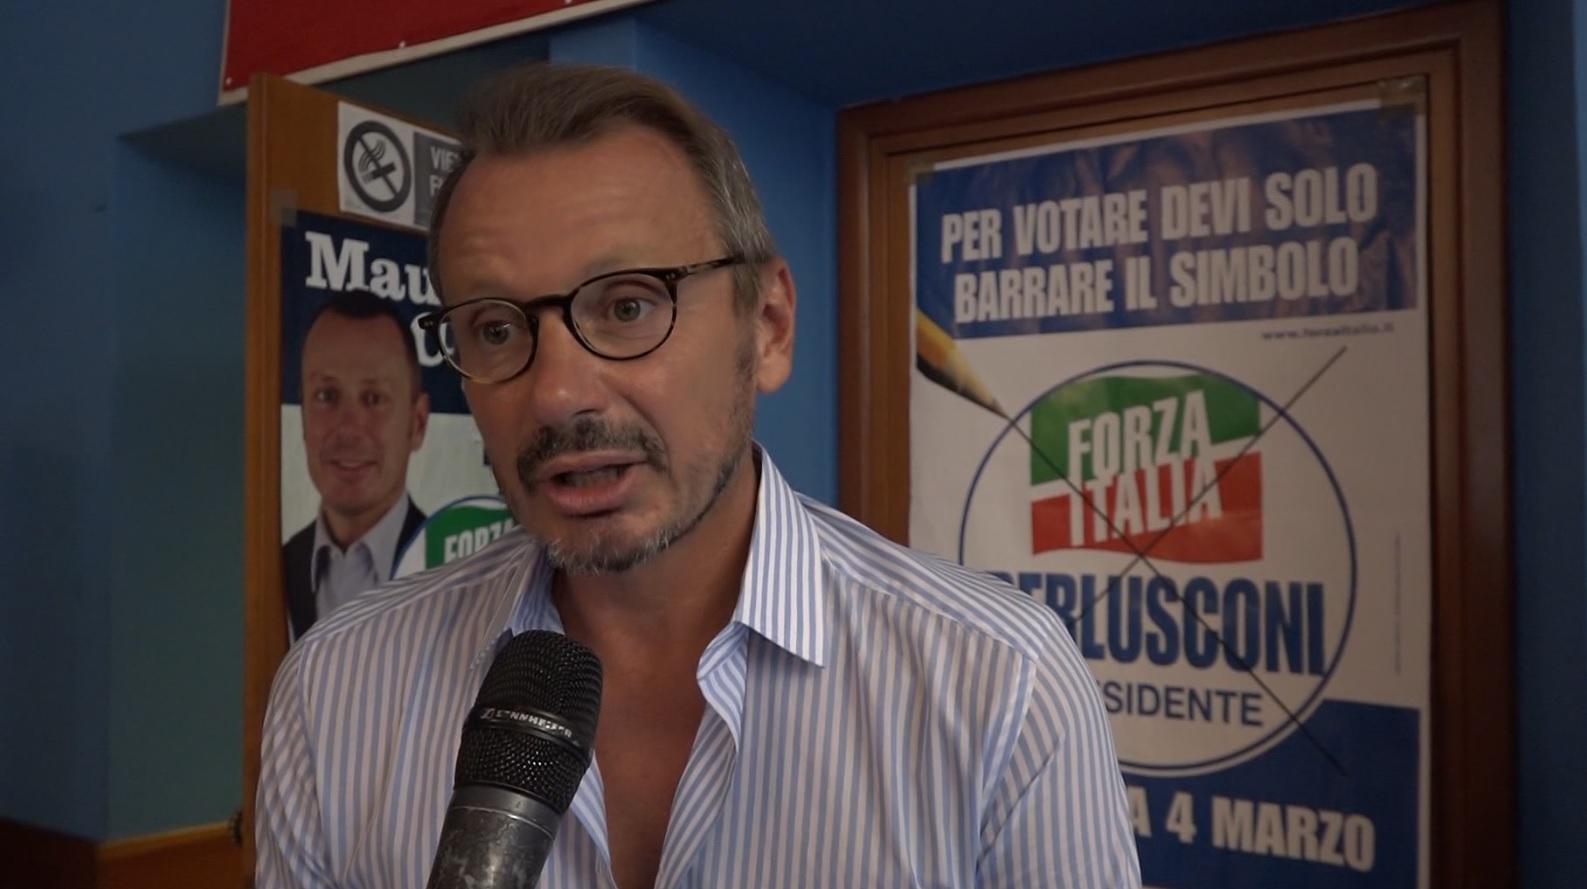 Maurizio Carrara passa alla Lega